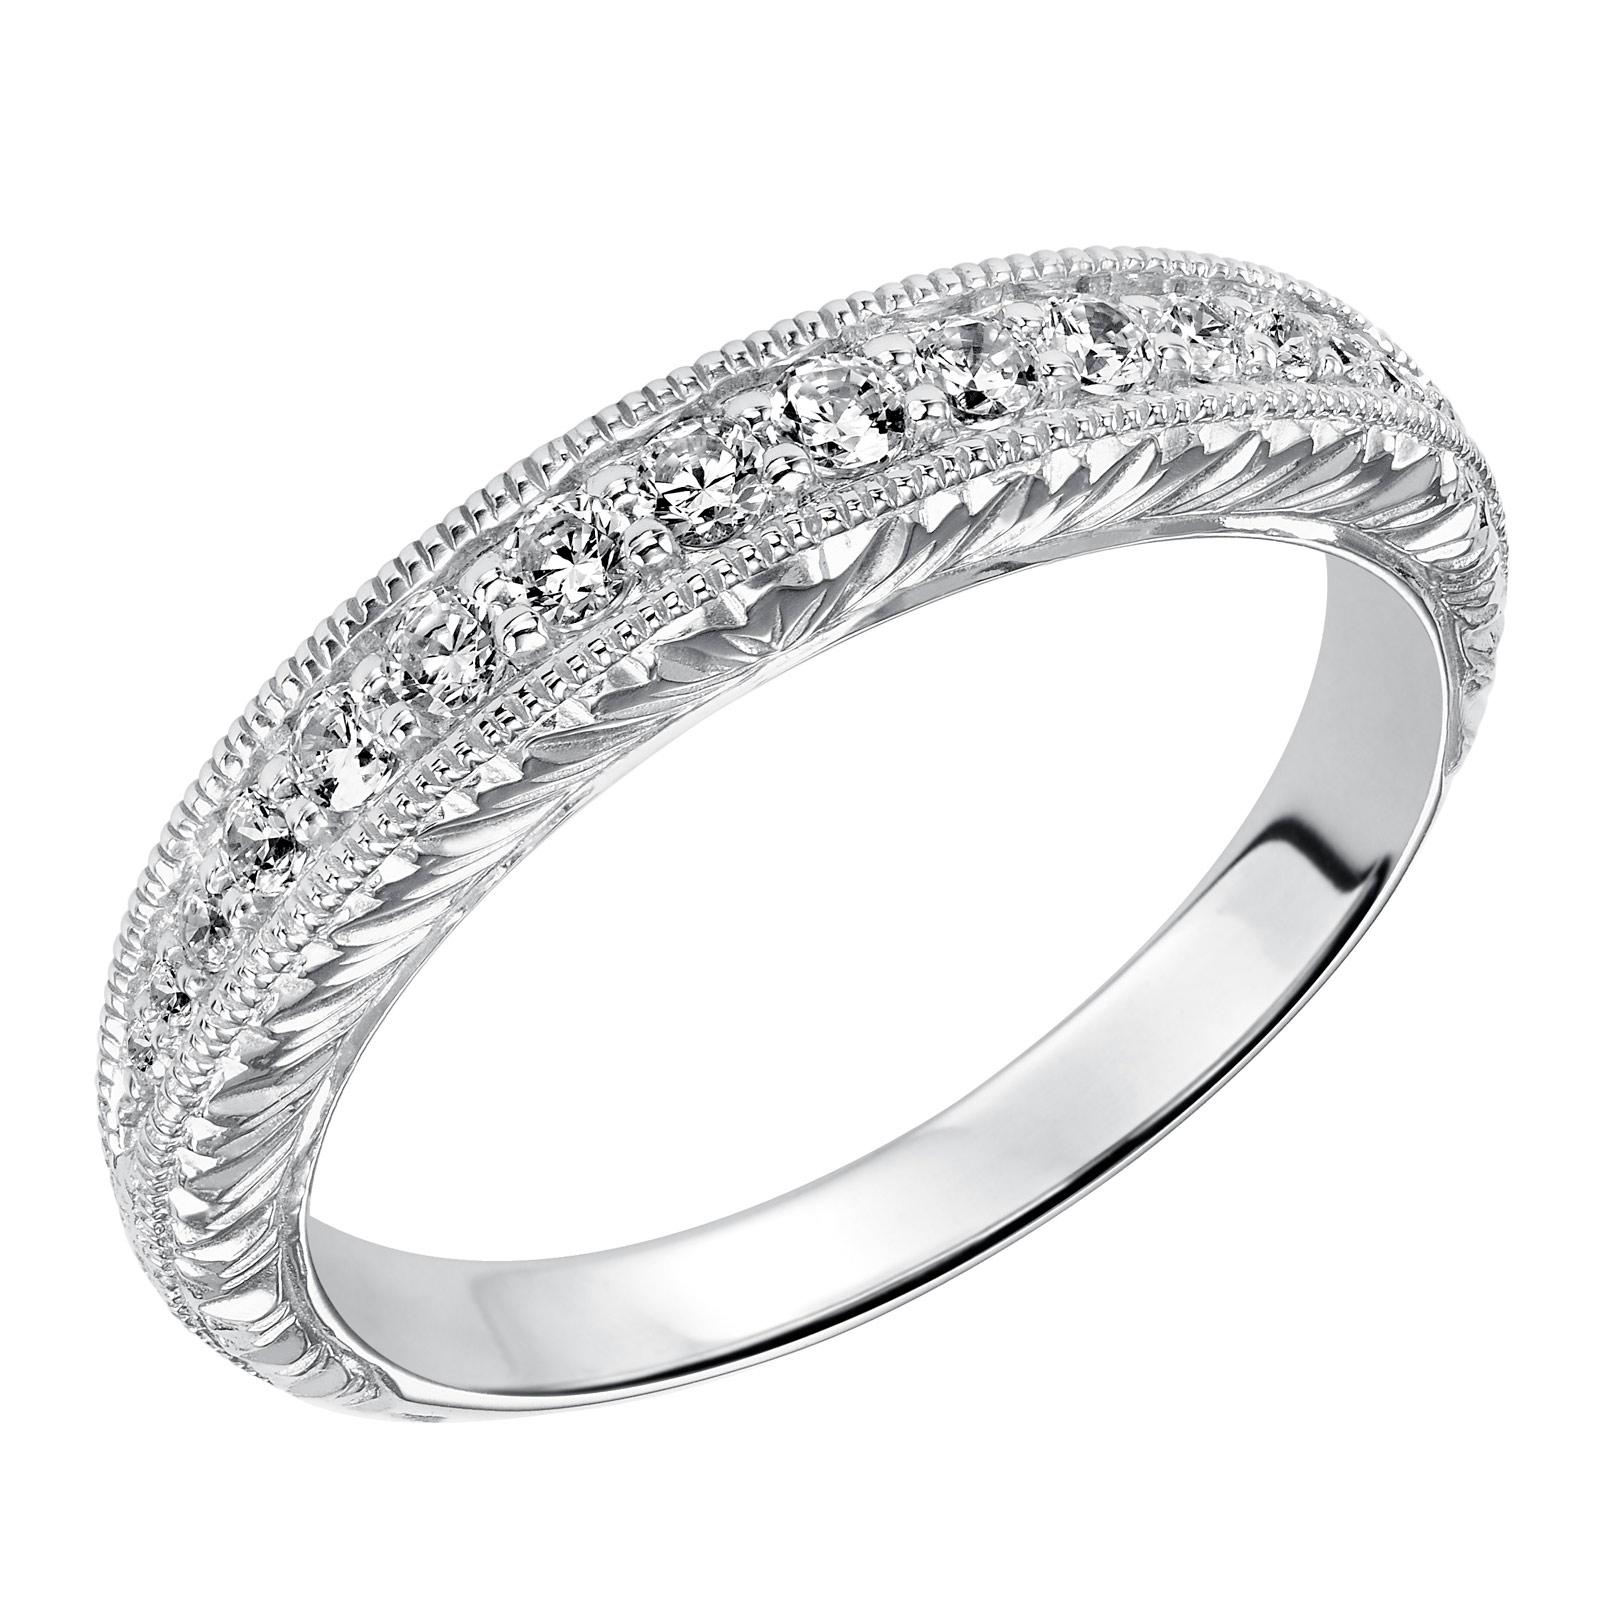 Goldman ring 33 9121w l00 long island ny goldman for Long island wedding bands